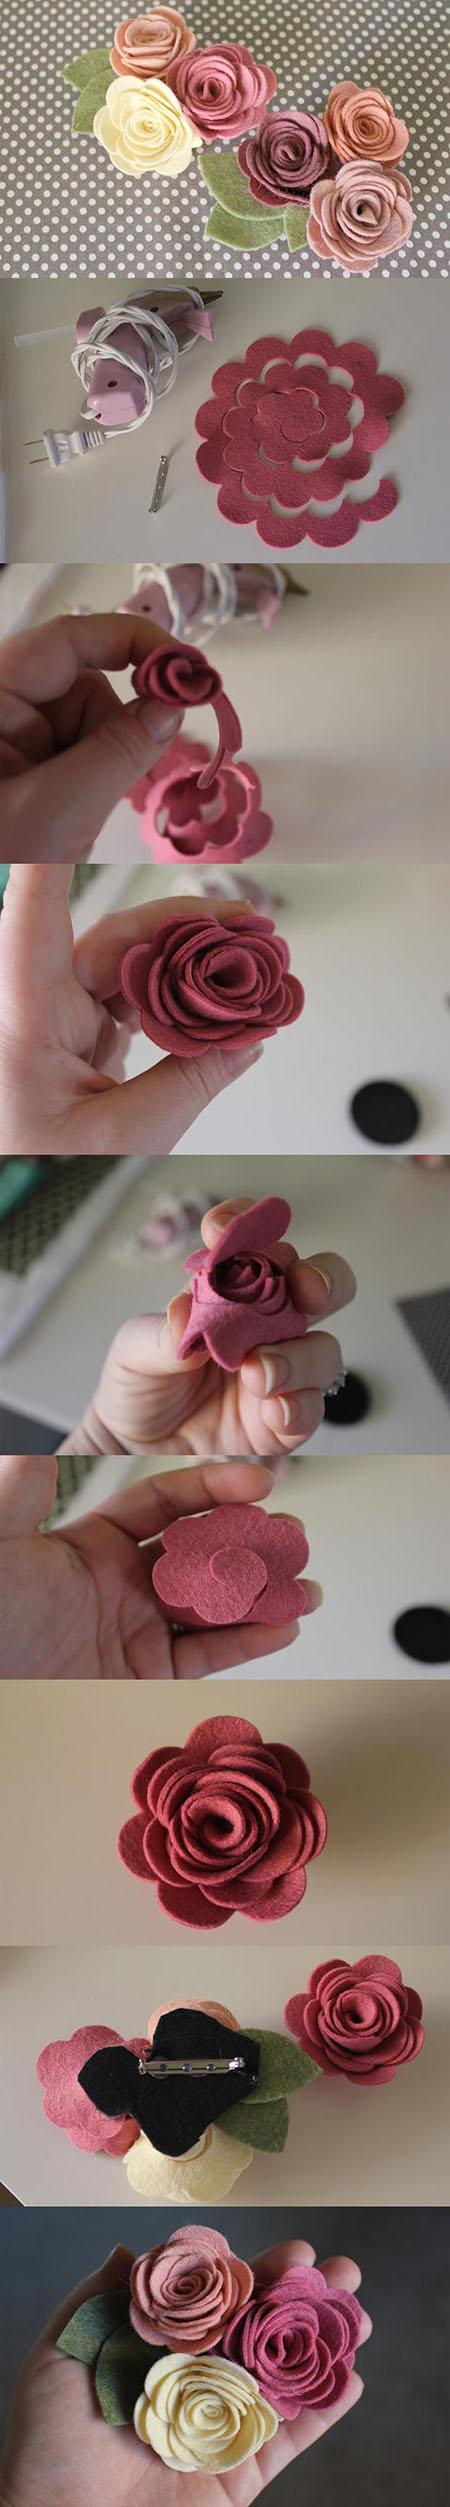 3  Felt Flowers DIY1e9a37